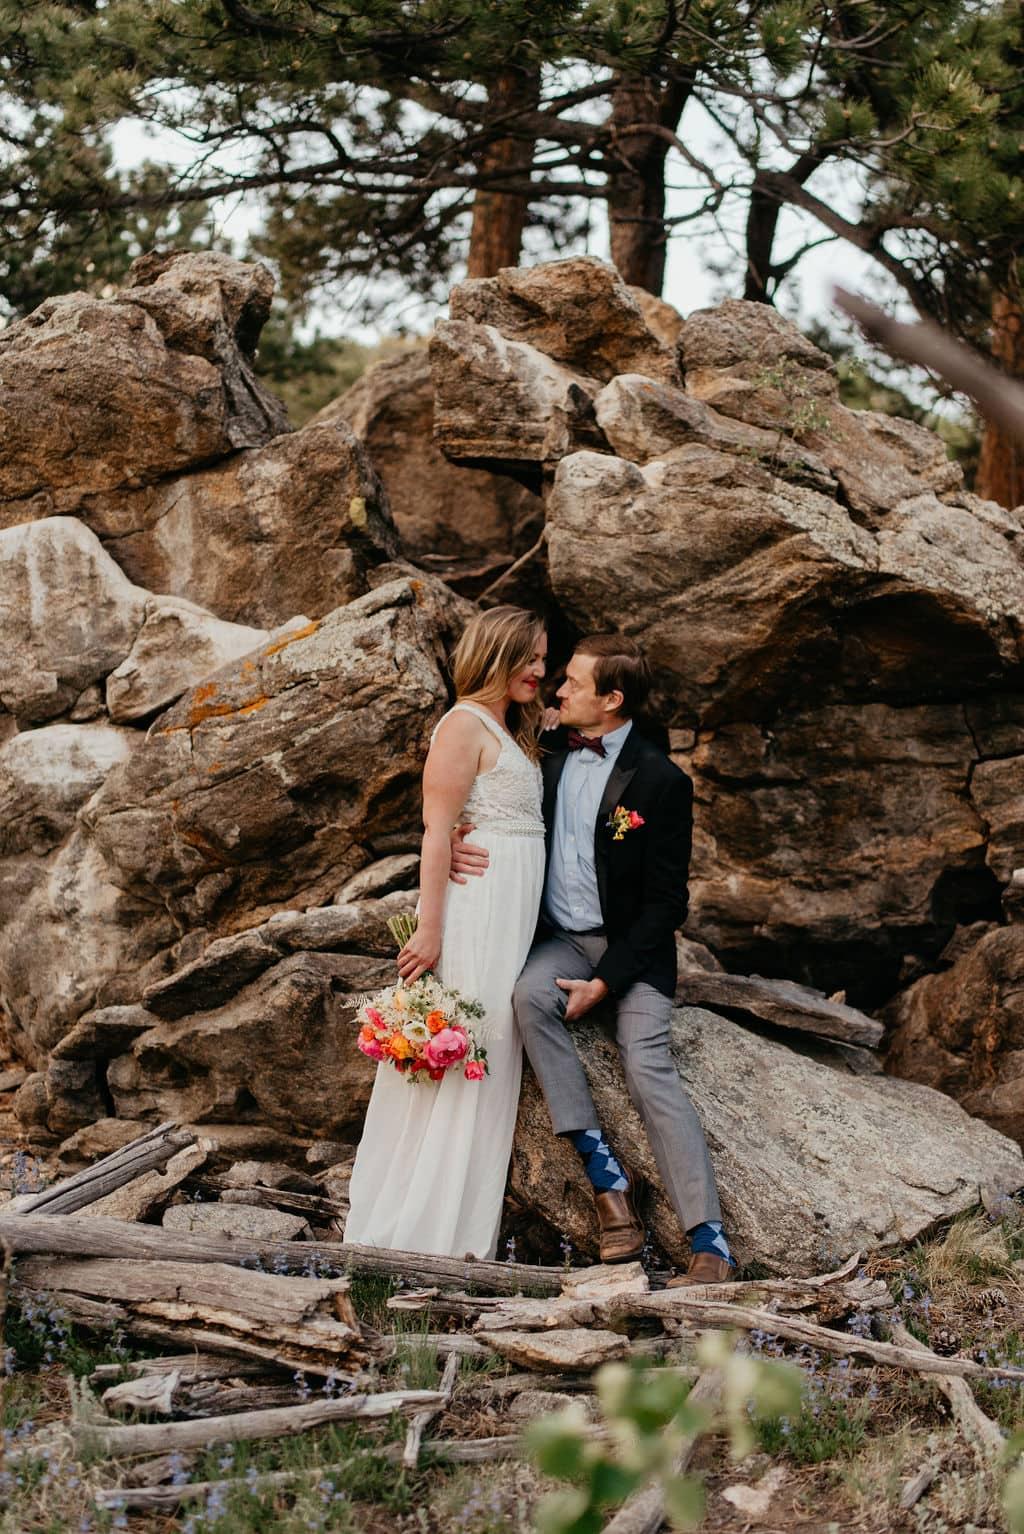 Romantic bride and groom portraits in golden colorado